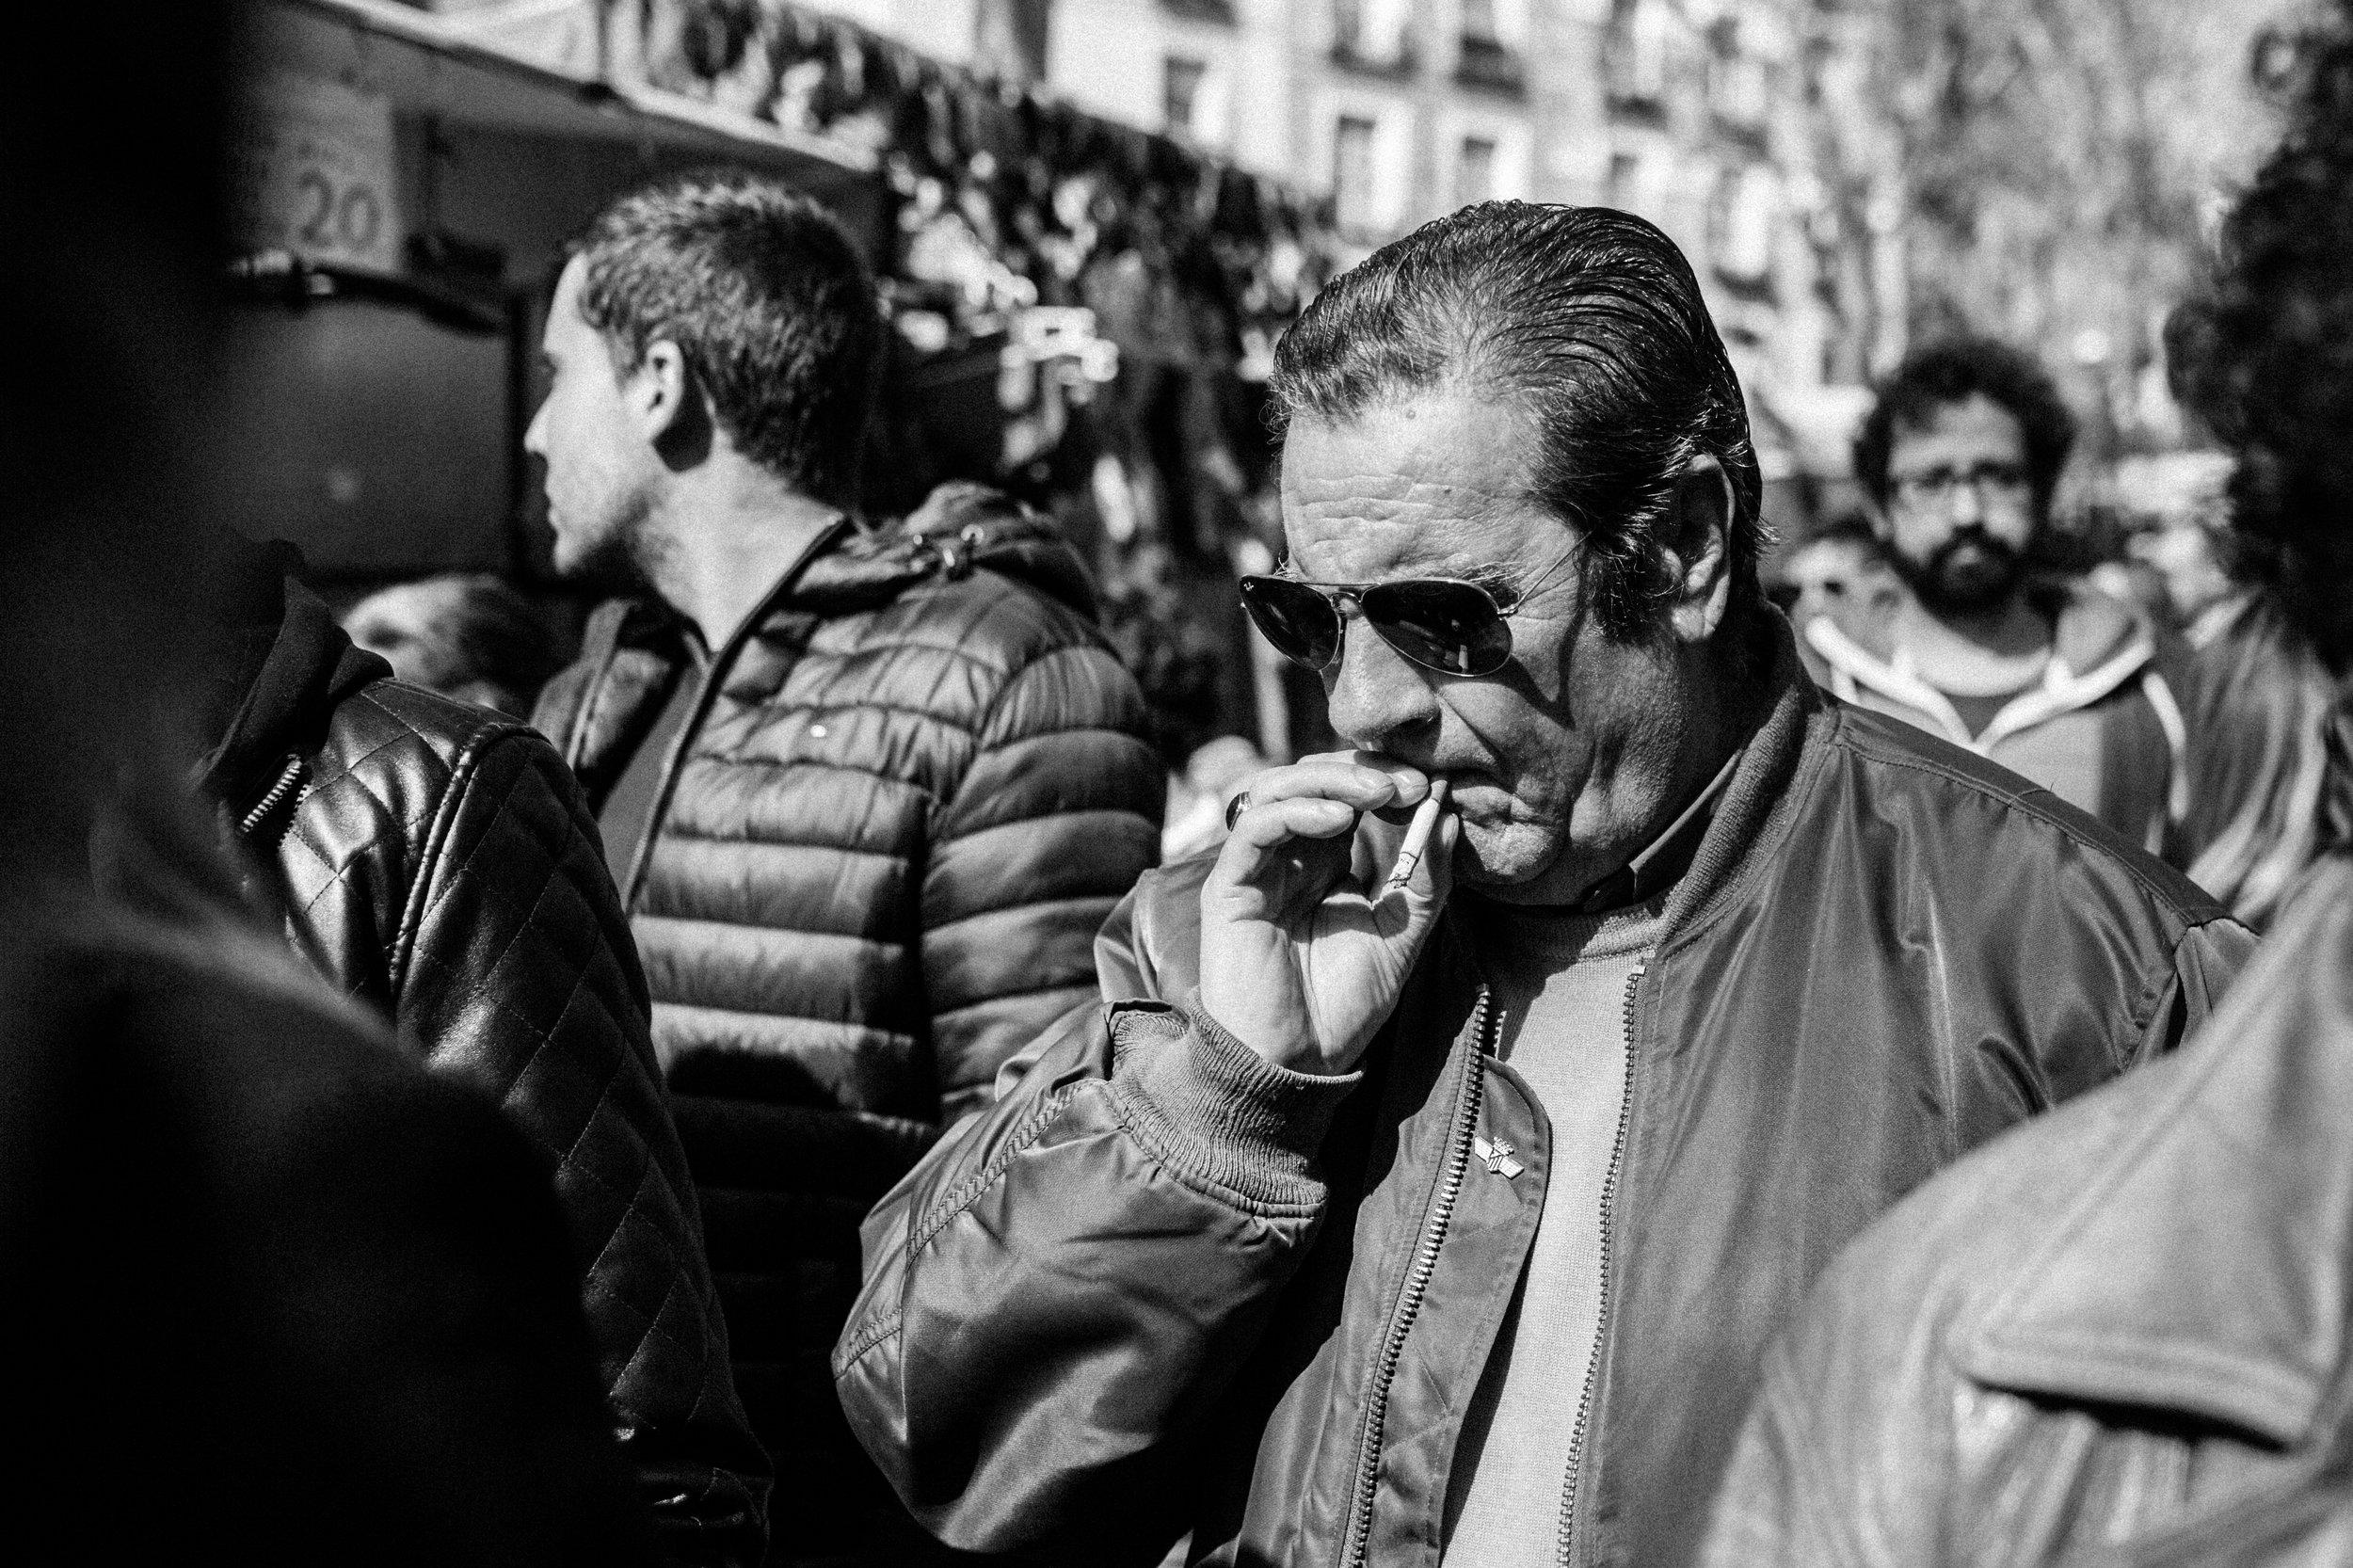 El rastro de Madrid by jorge Güiro 35.jpg